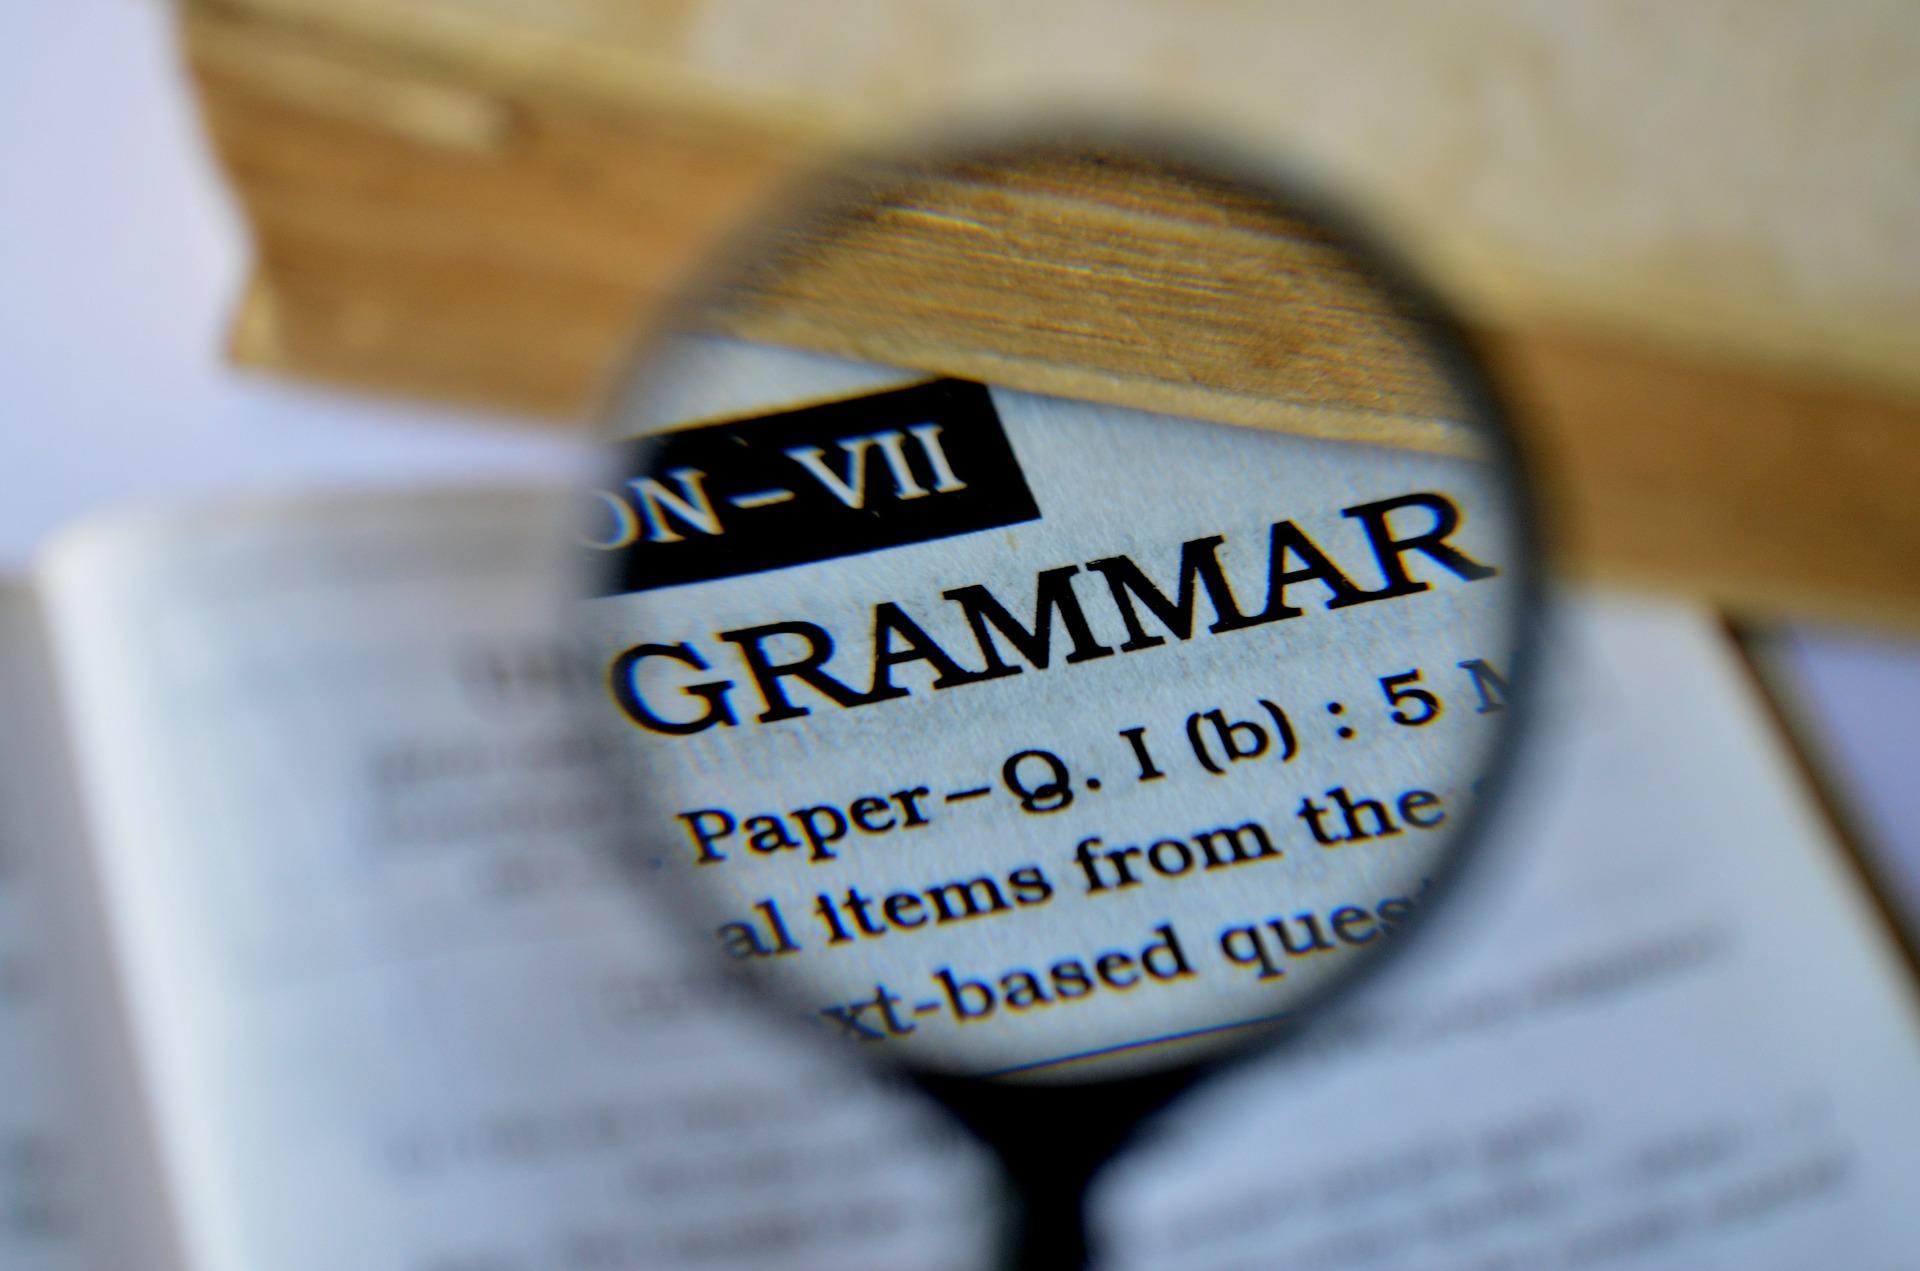 5 regras que você precisa saber para se sair bem em gramática no TOEFL